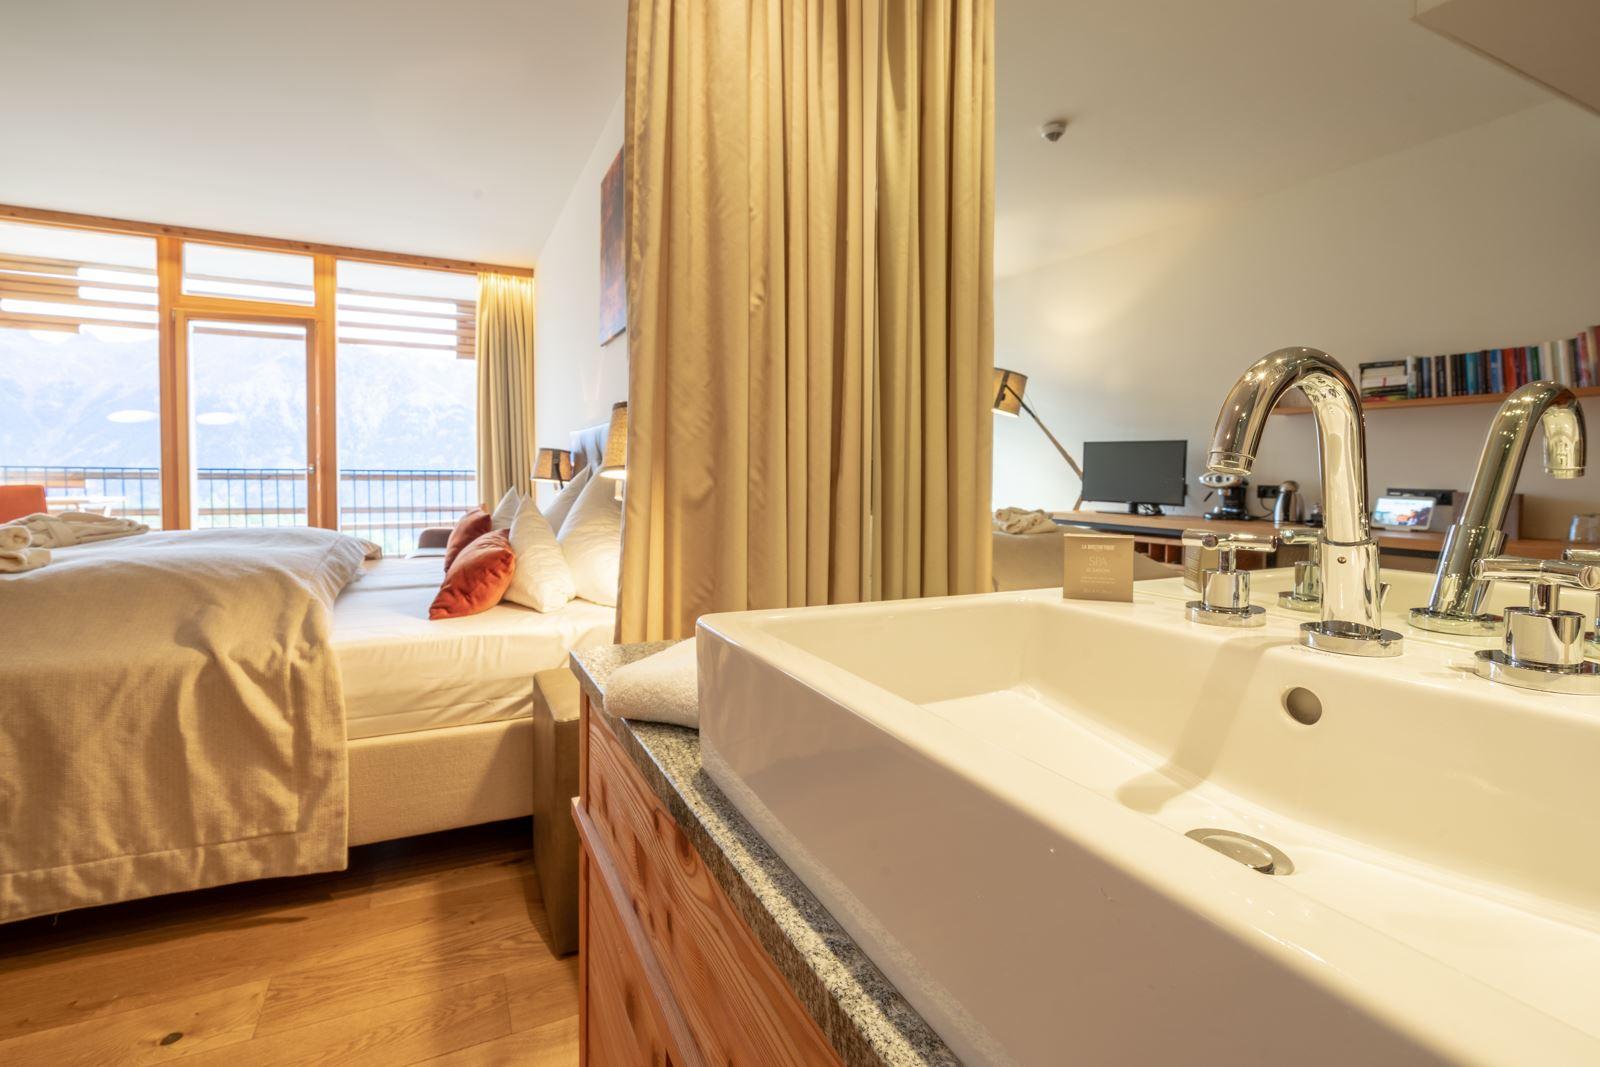 3 Sterne Hotels In Meran Visitmeran